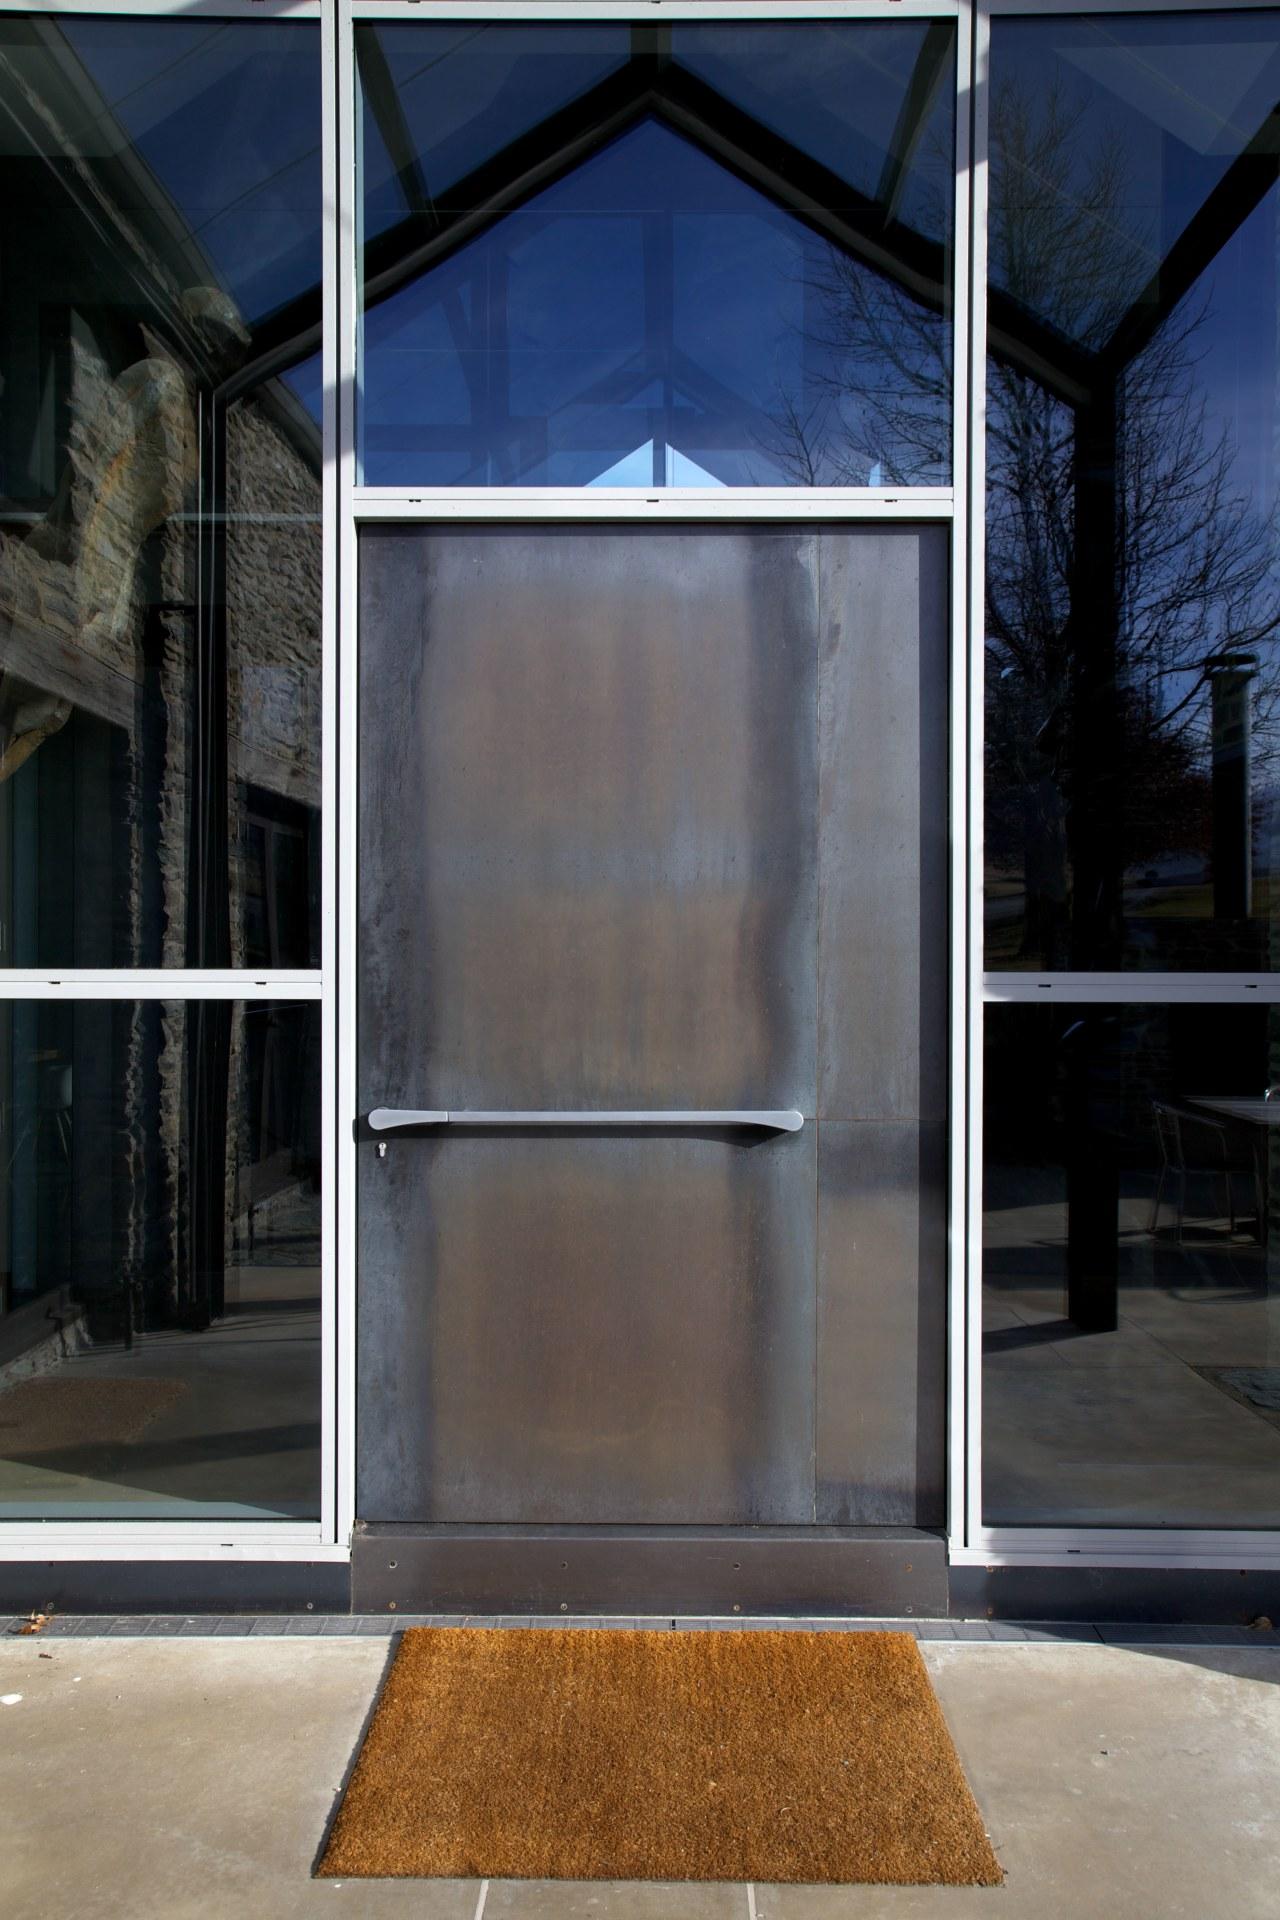 The front door handle is also part of architecture, door, facade, glass, window, black, gray